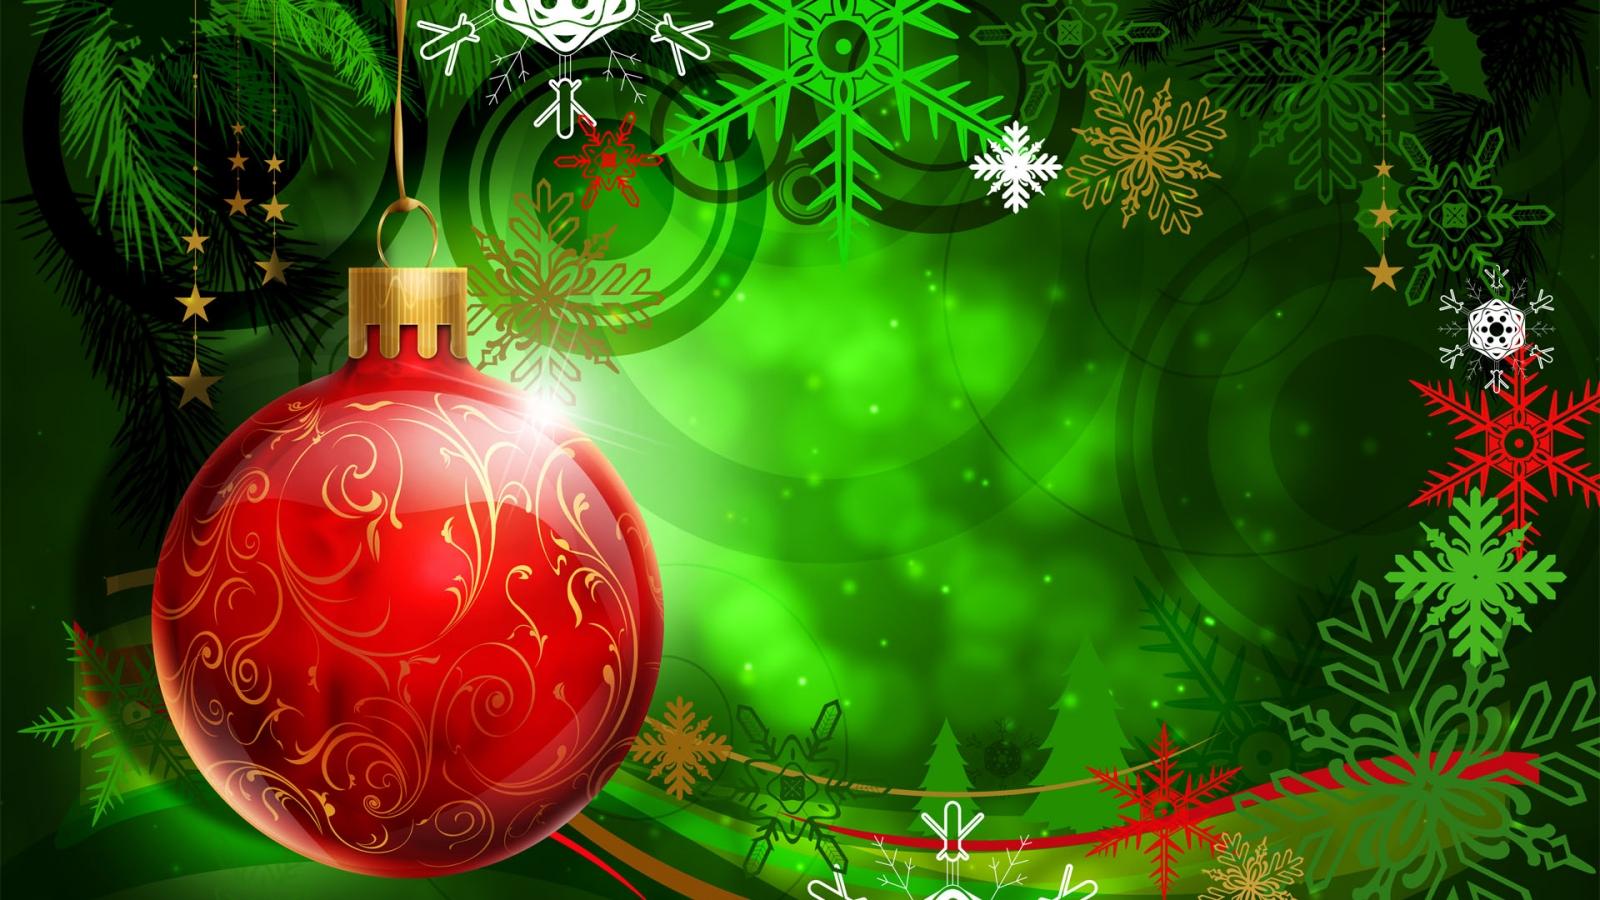 Una esfera roja en arbol de navidad dibujo - 1600x900